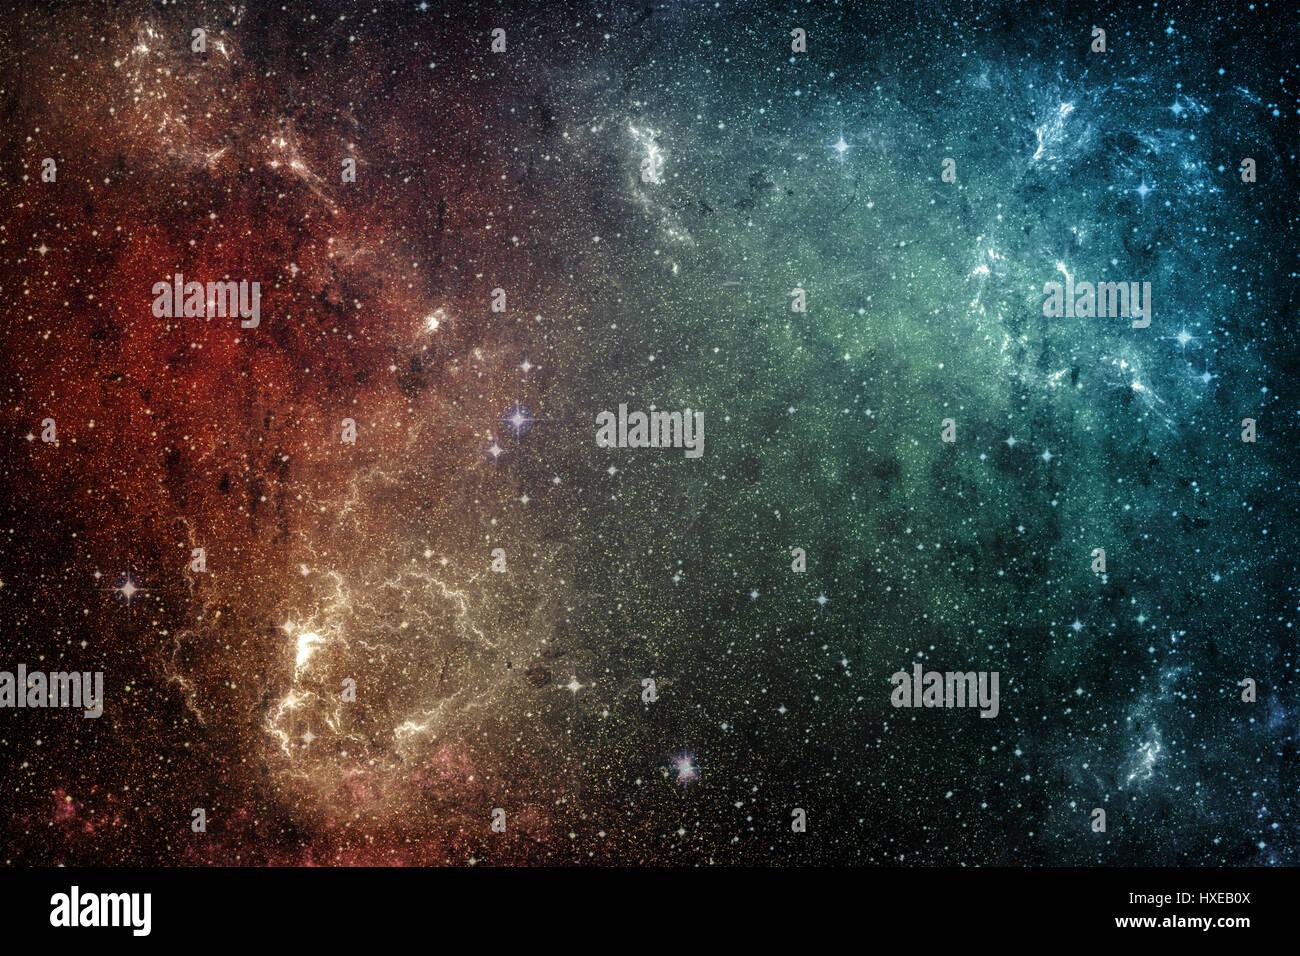 Fondo del espacio. Universo de estrellas y nebulosa galaxia Imagen De Stock